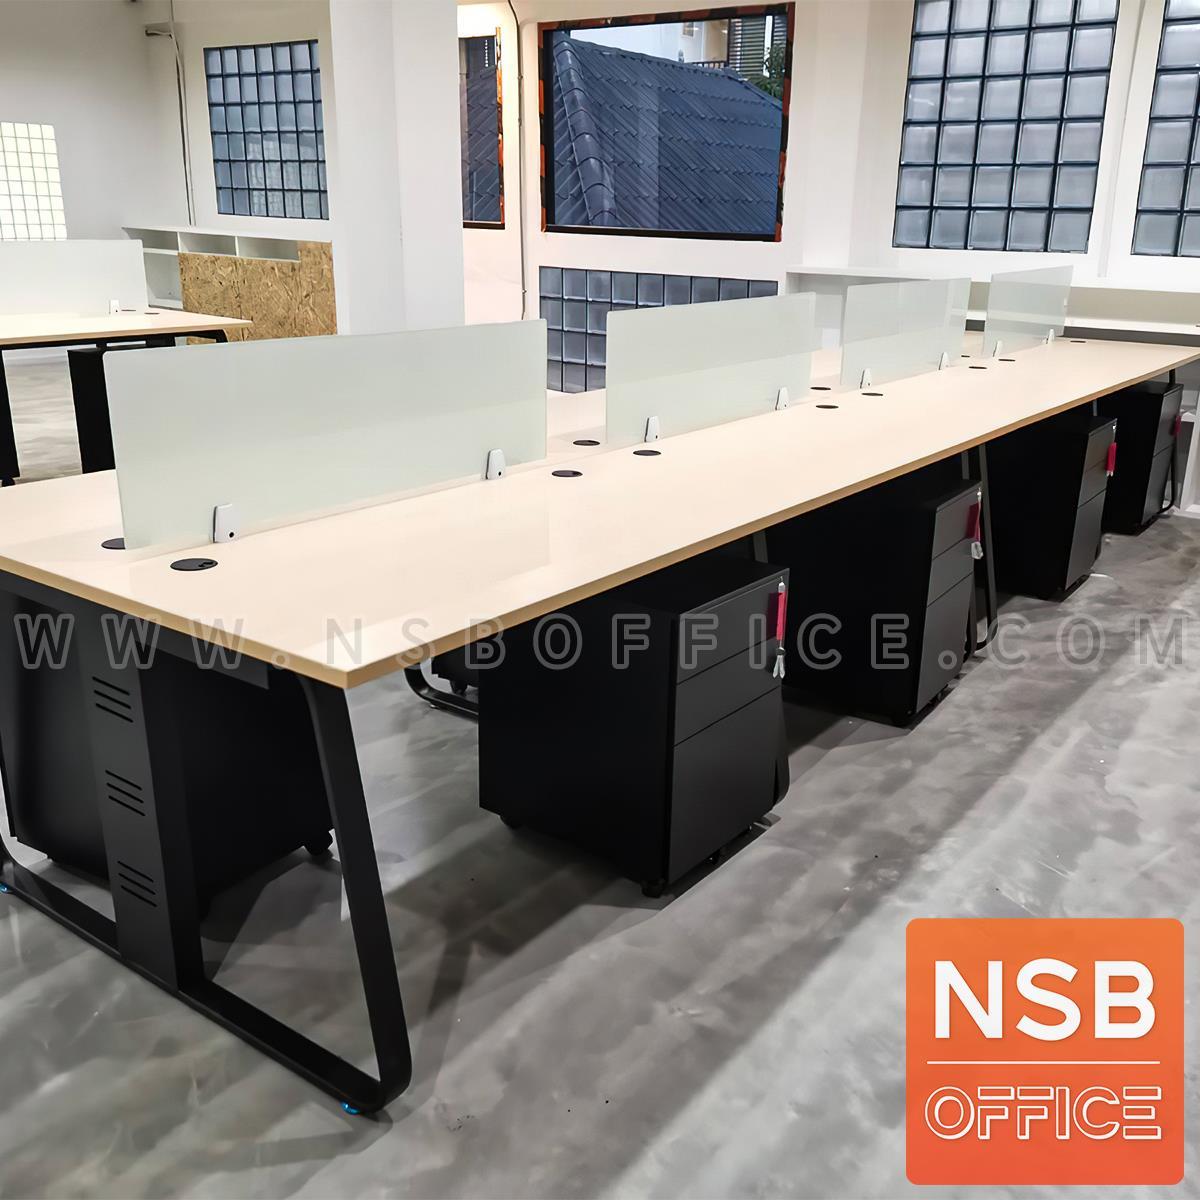 ชุดโต๊ะทำงานกลุ่มขาเหล็ก รุ่น Lenka 3 (เล็งกา 3) 4 ,6 ที่นั่ง ขนาด 240W, 360W cm พร้อมมินิสกรีนและตู้ลิ้นชักเหล็กล้อเลื่อน